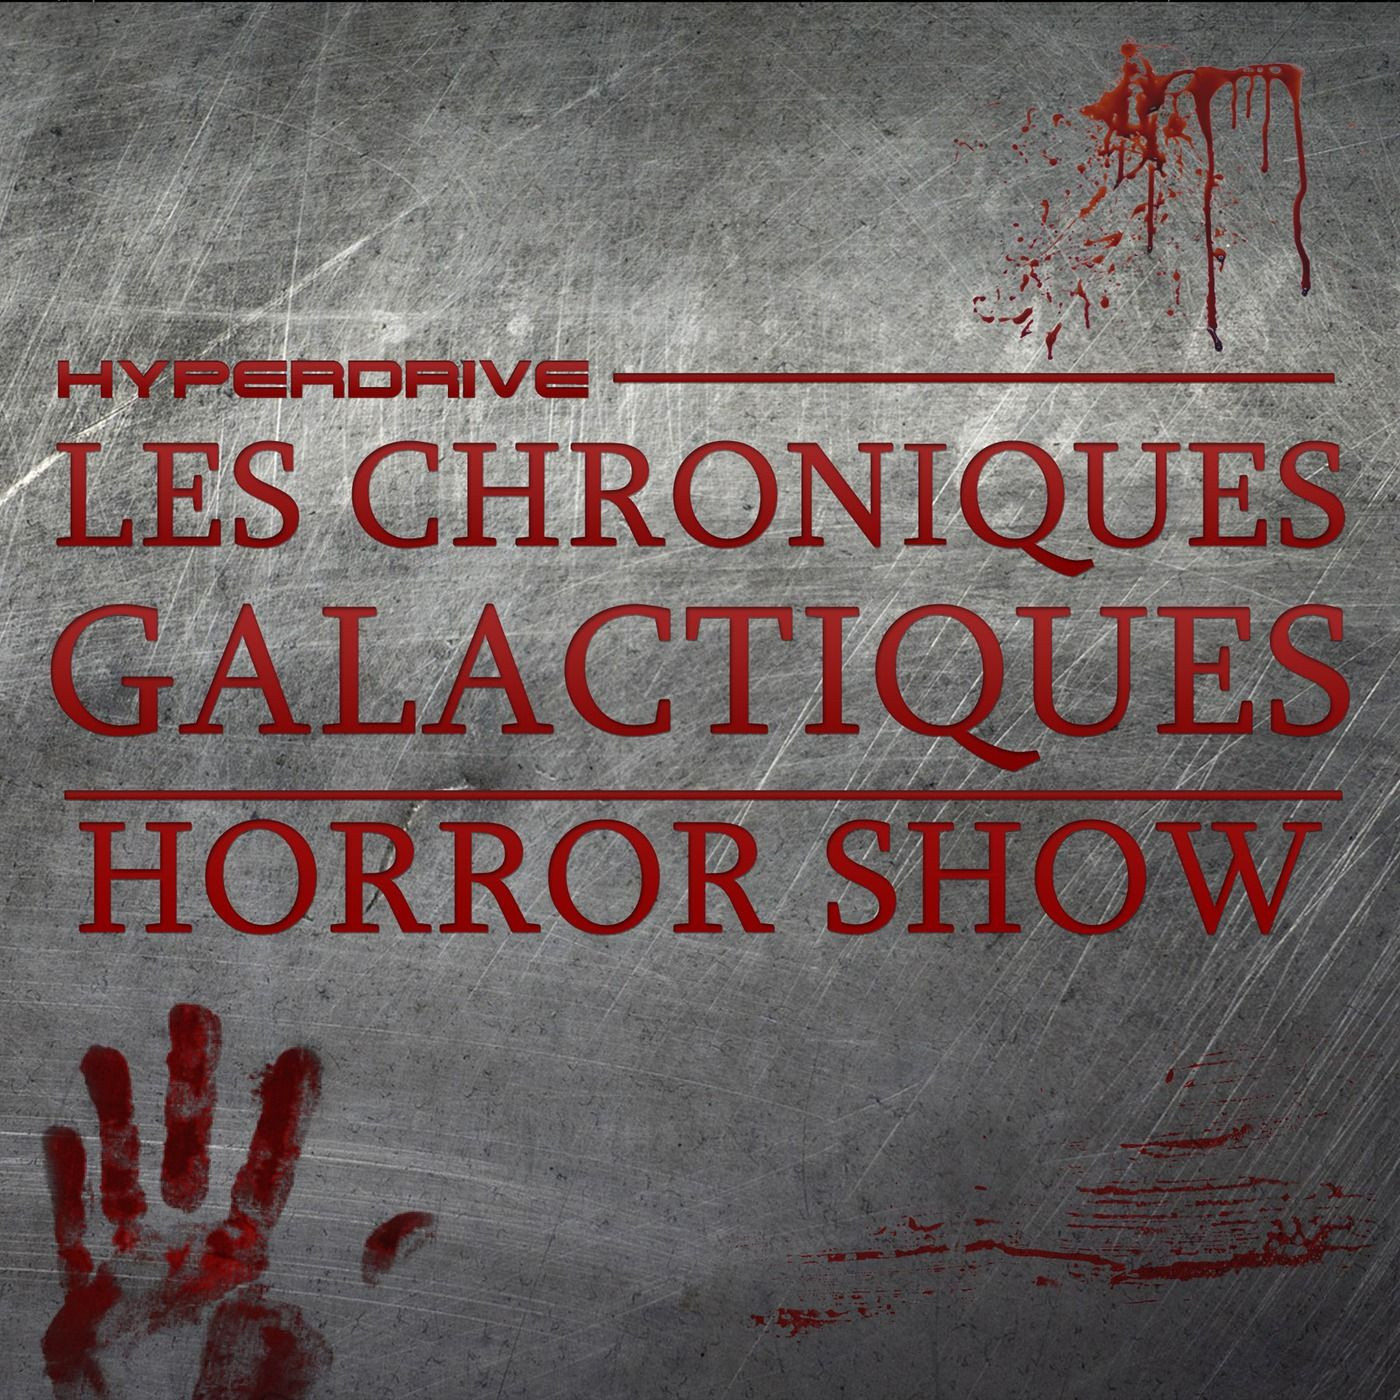 Les Chroniques Galactiques - Horror Show